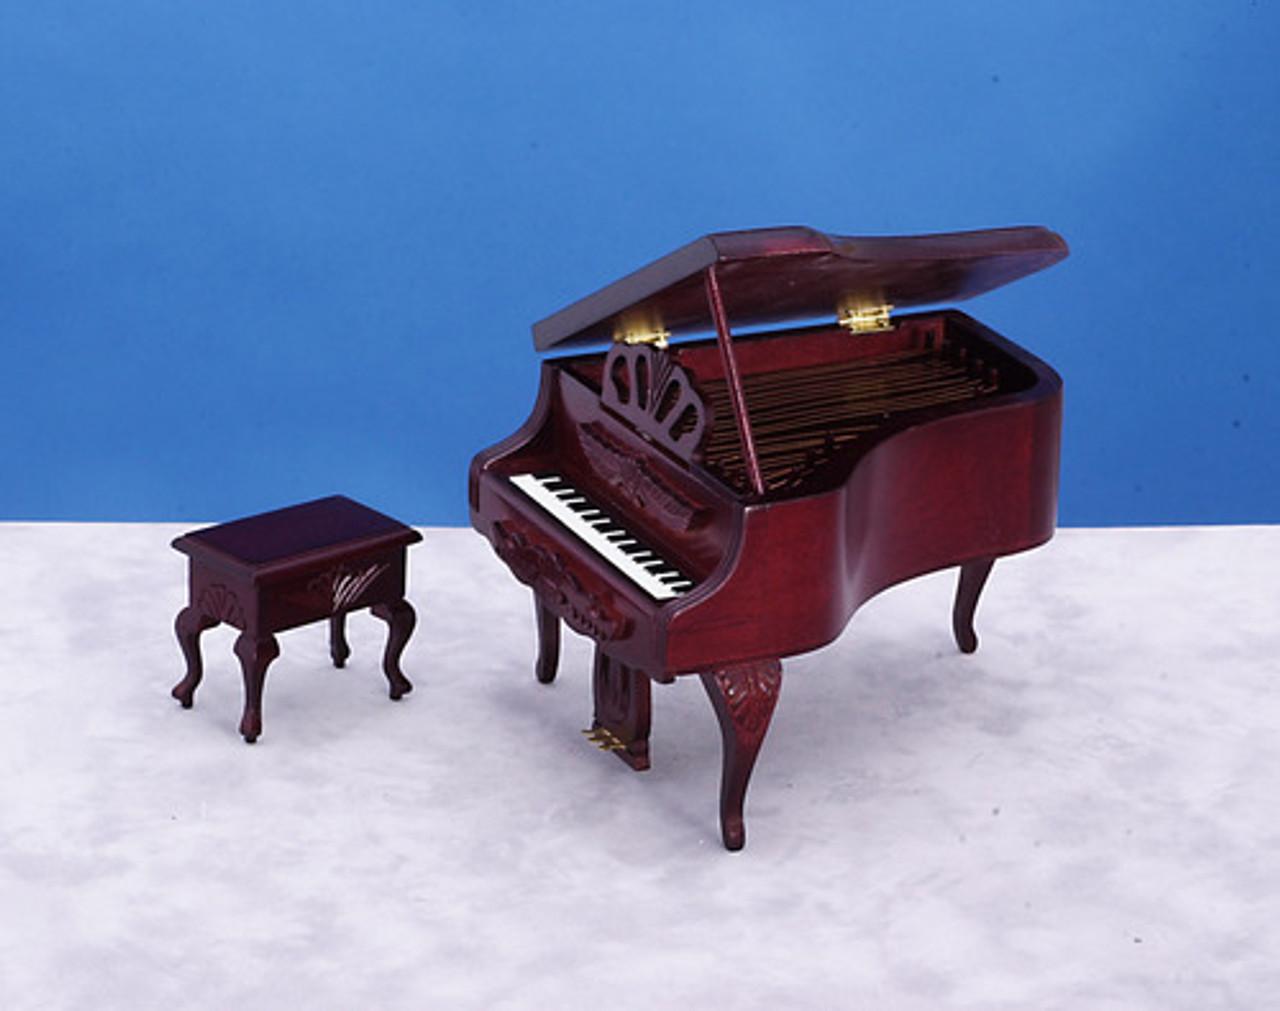 Carved Piano with Stool - Mahogany